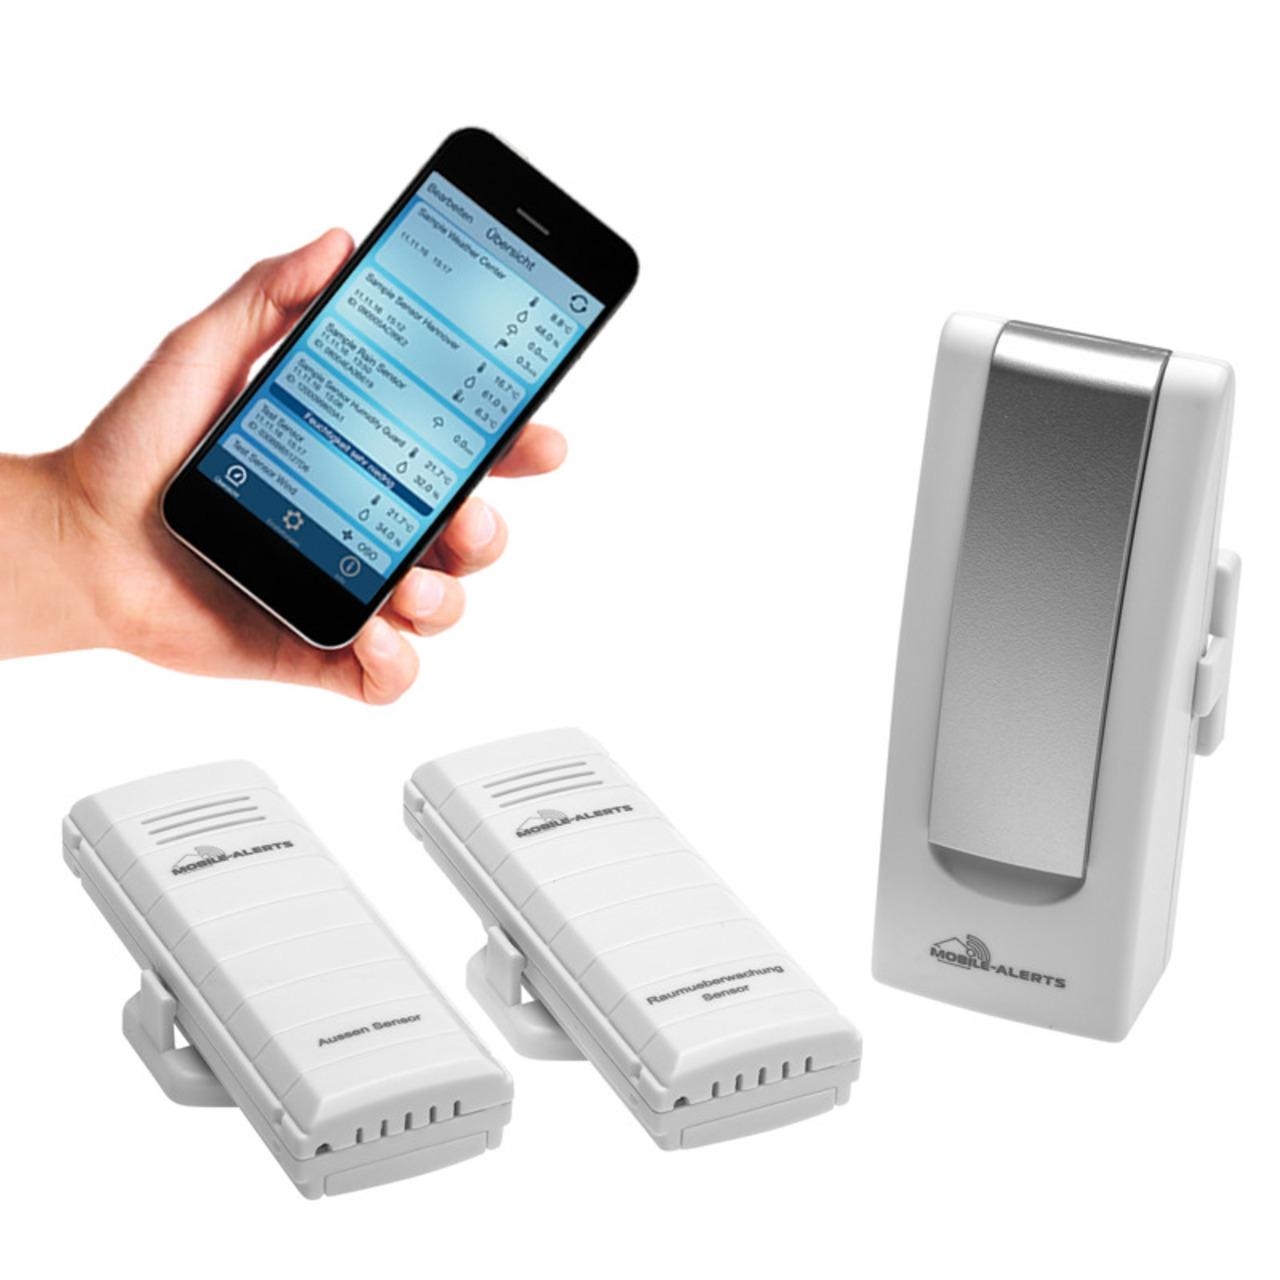 ELV Mobile Alerts Temperatur- Luftfeuchteüberwachungs-Set MA10012- gibt Handlungsempfehlung